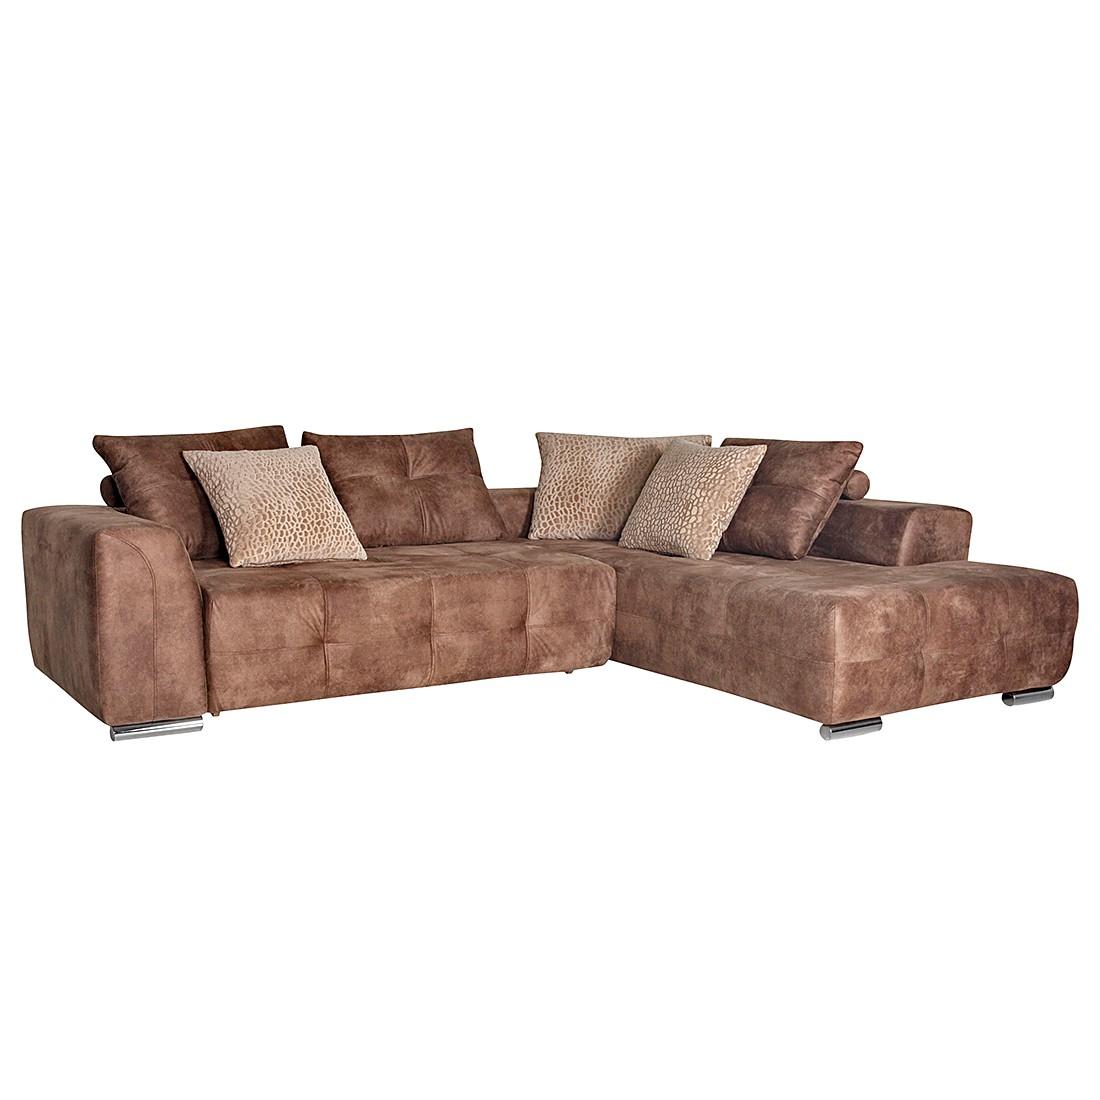 ecksofa cord inspirierendes design f r wohnm bel. Black Bedroom Furniture Sets. Home Design Ideas